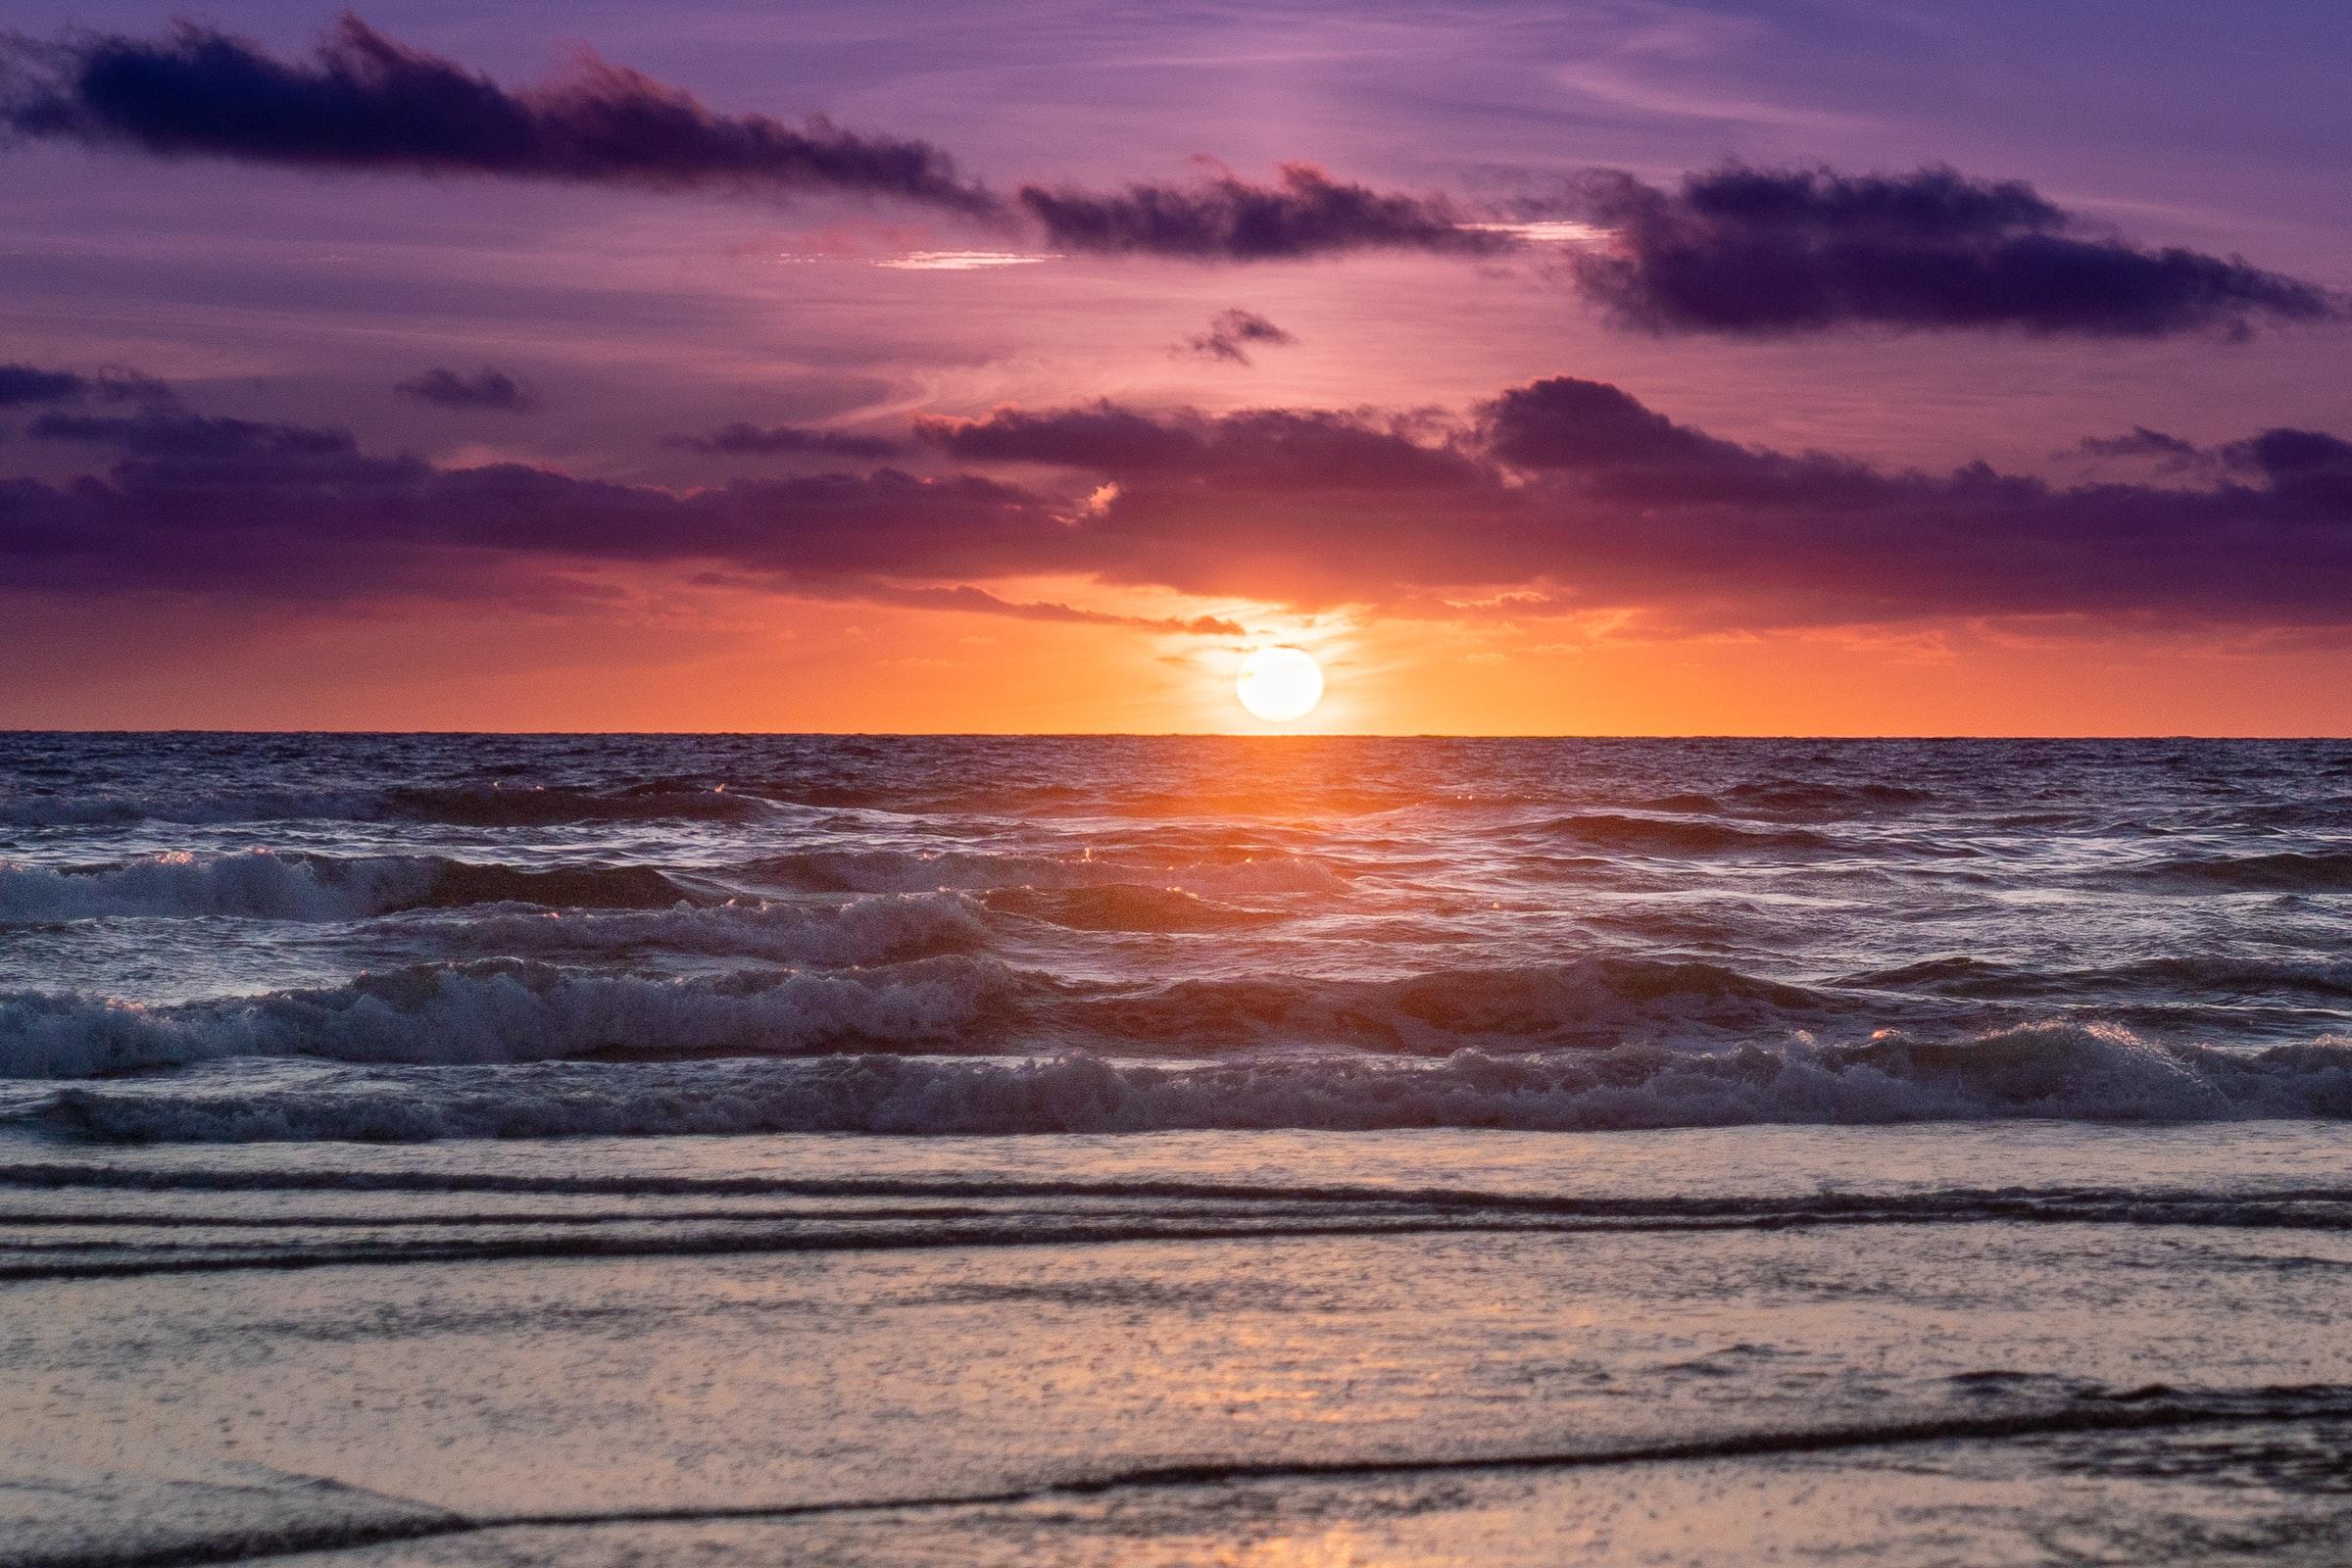 kroatien strand sonnenuntergang